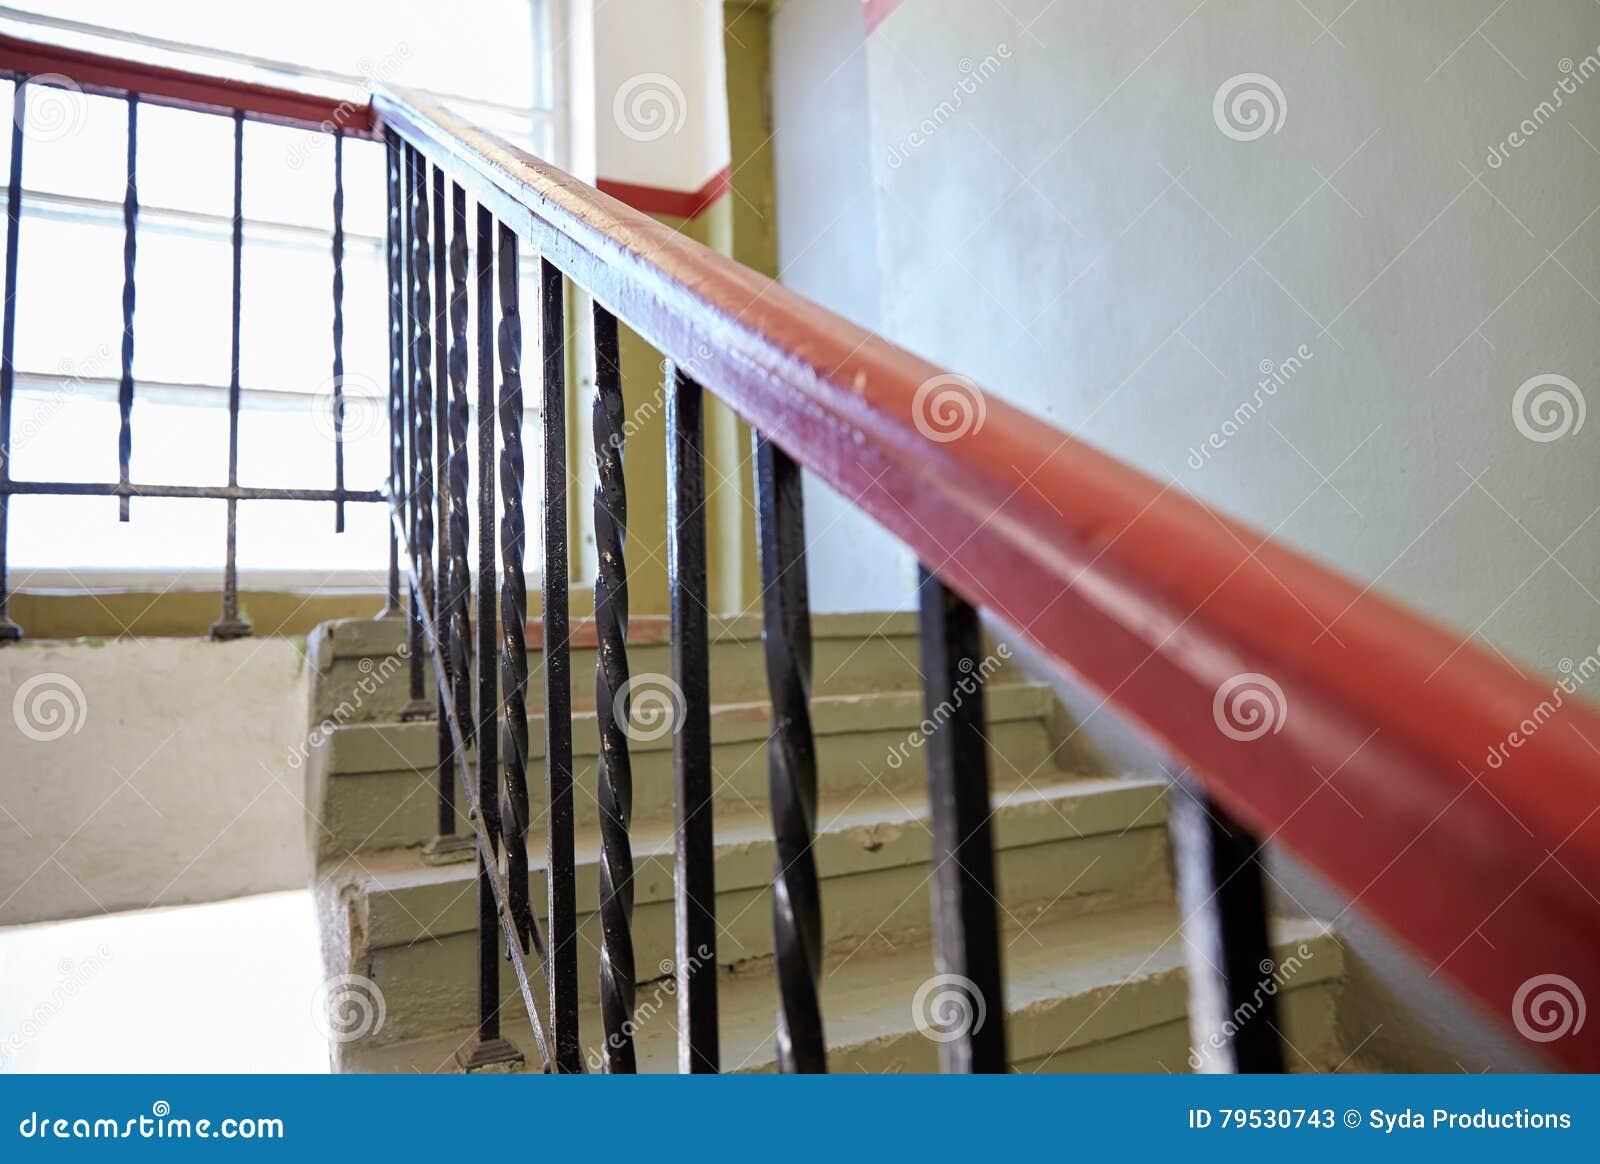 Tredetraliewerk op trap bij het leven huis stock afbeelding